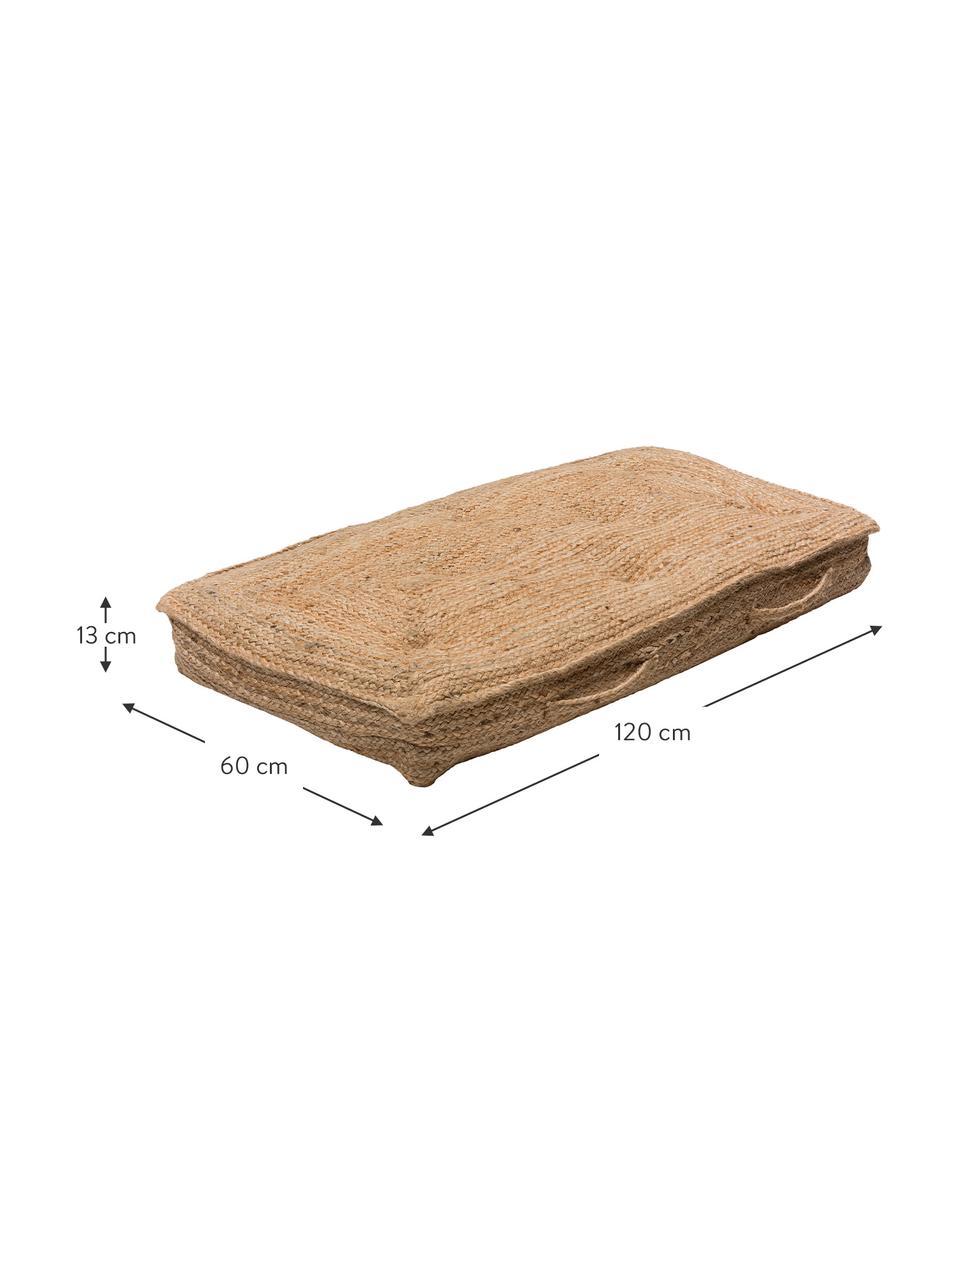 Poduszka podłogowa z juty Ural, Beżowy, S 60 x D 120 cm